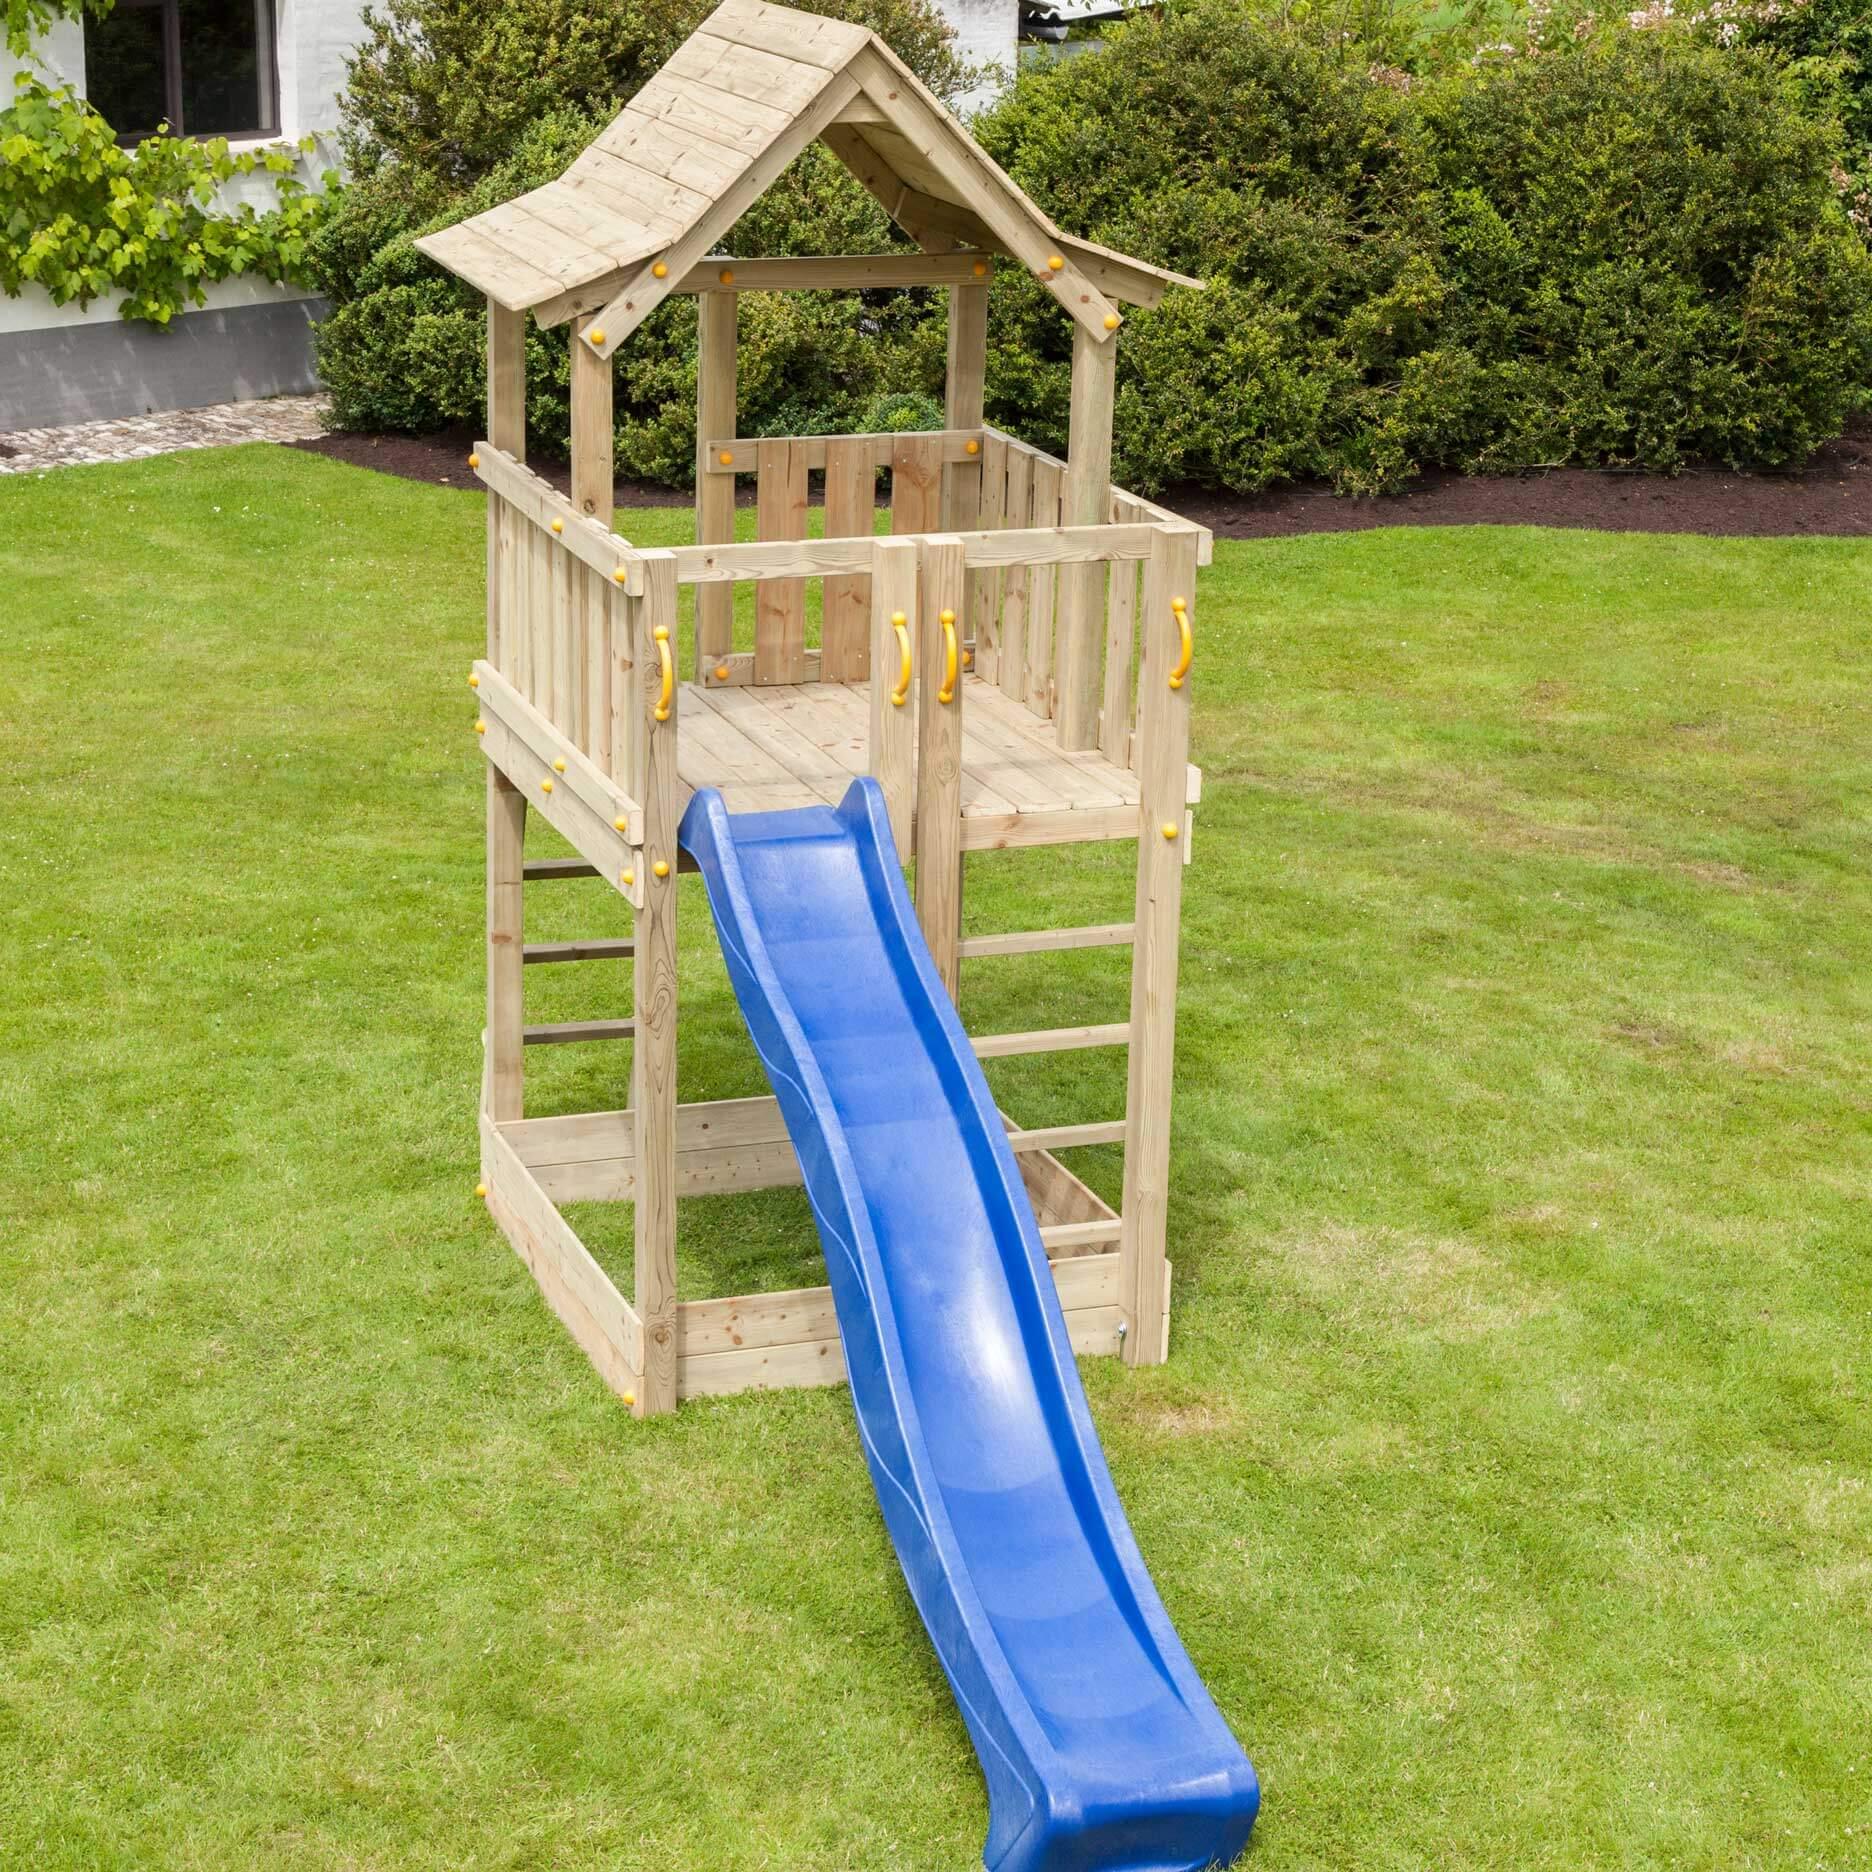 Beliebt Blue Rabbit Spielturm Pagoda 150 cm Podesthöhe - Spiel und Garten JJ24